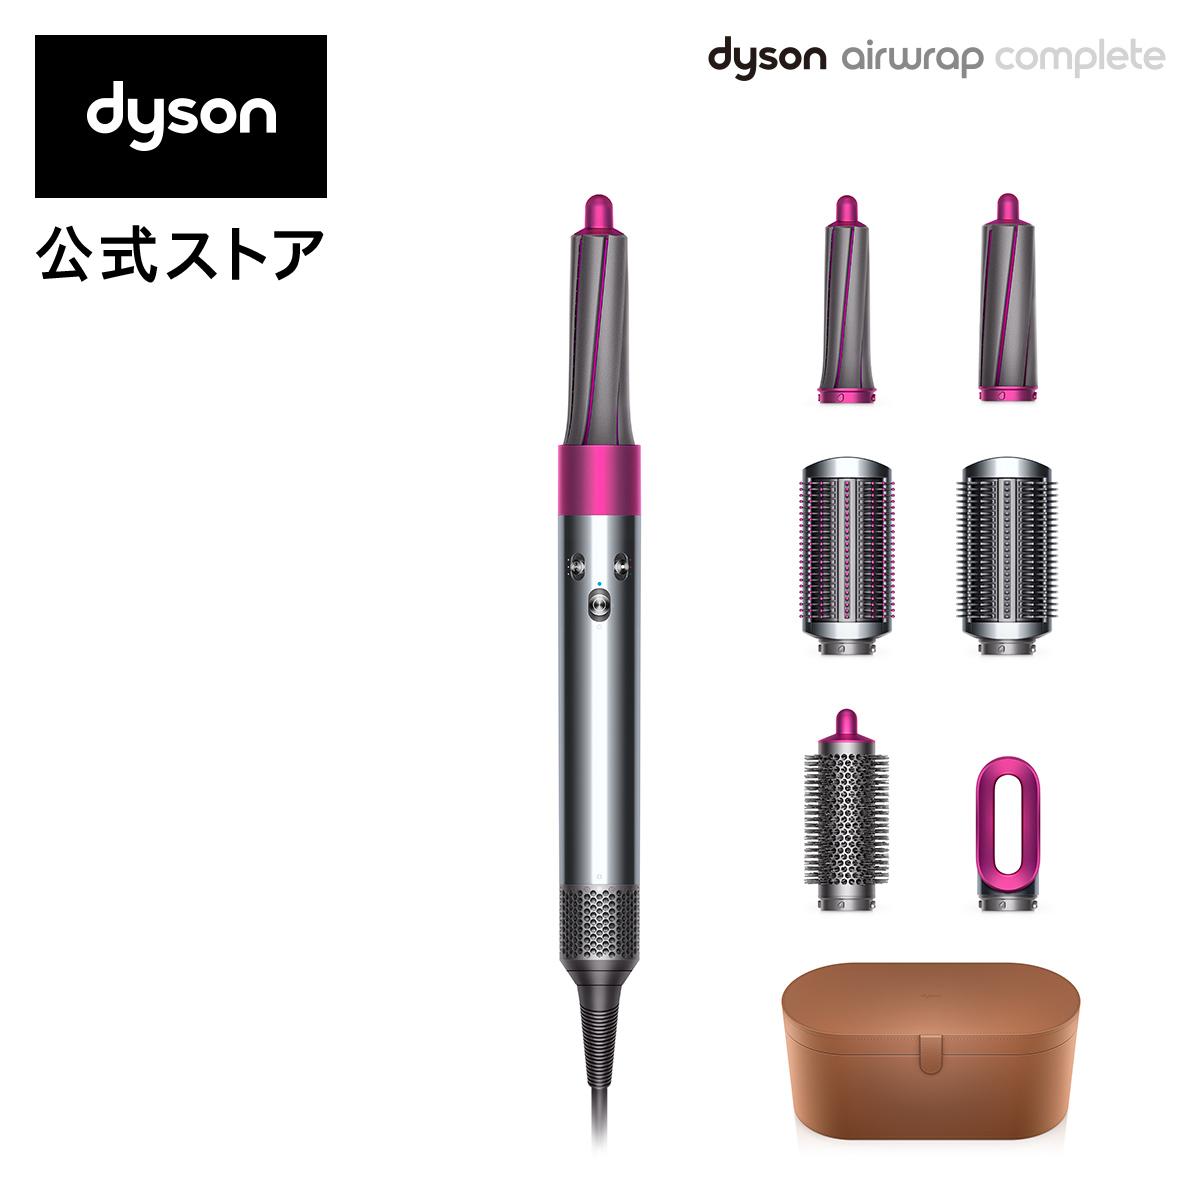 ダイソン Dyson Airwrap™ スタイラー(ダイソン エアラップ) Complete HS01 COMP FN